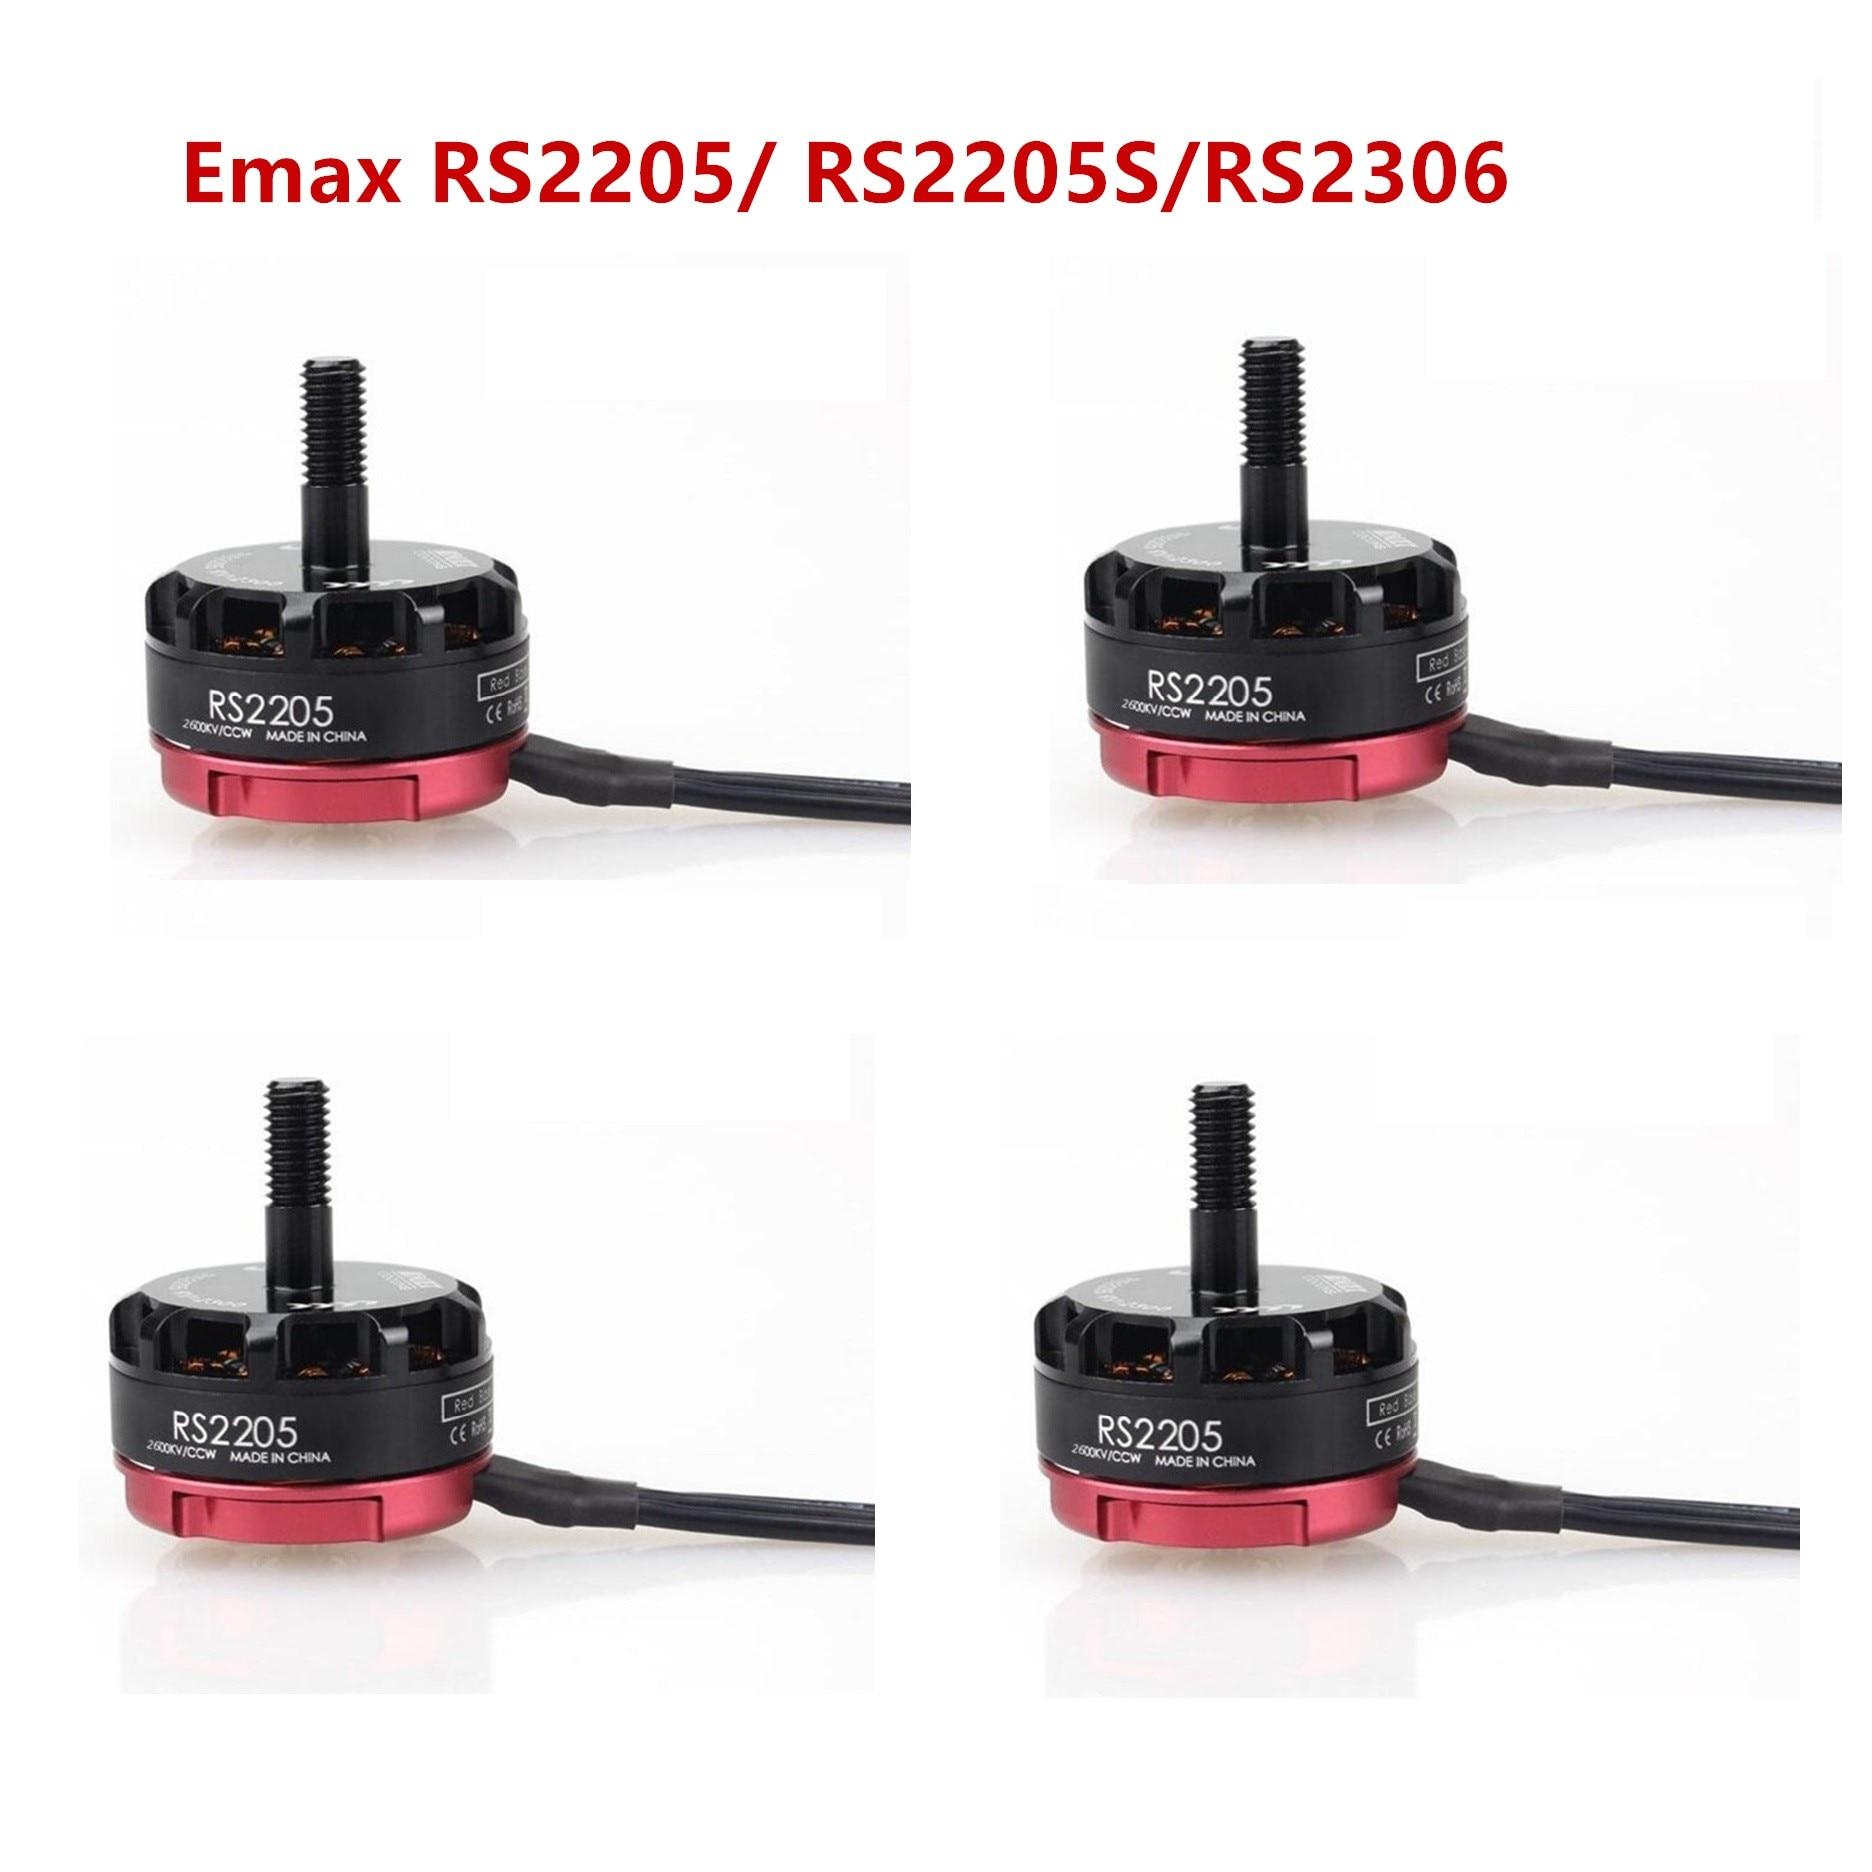 Emax RS2205/RS2205S 2300KV 2600KV CW/CCW Motor sin escobillas 2 piezas CW y 2 piezas CCW Motor y RS2306 2400 2475 KV Racing Edition